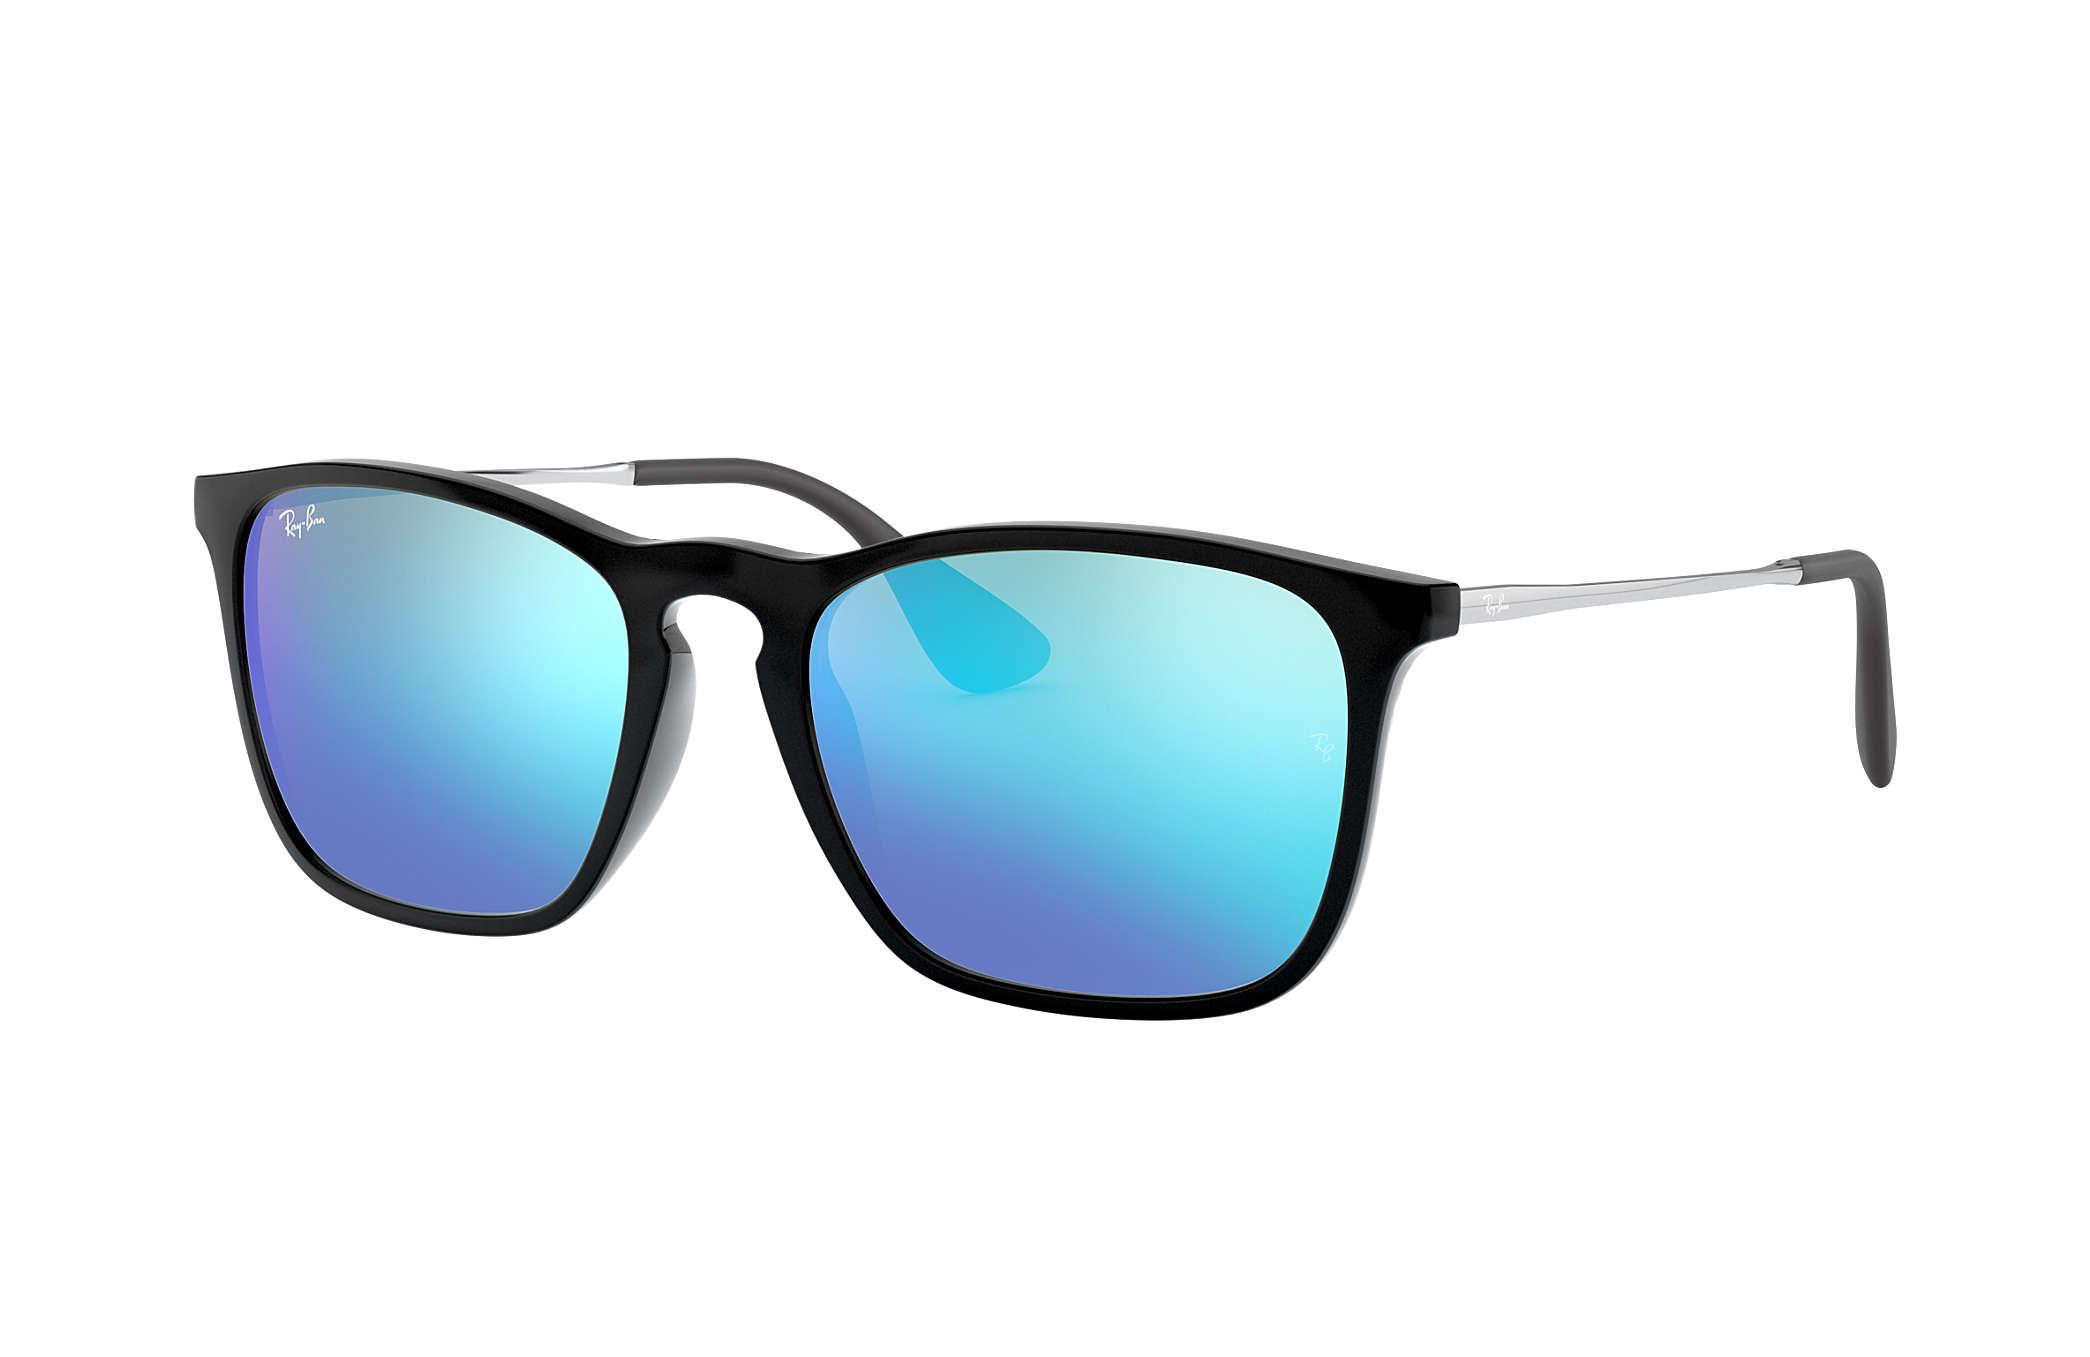 Sonnenbrille Chris Schwarz Gunmetal Silber verspiegelt pbpy696eY